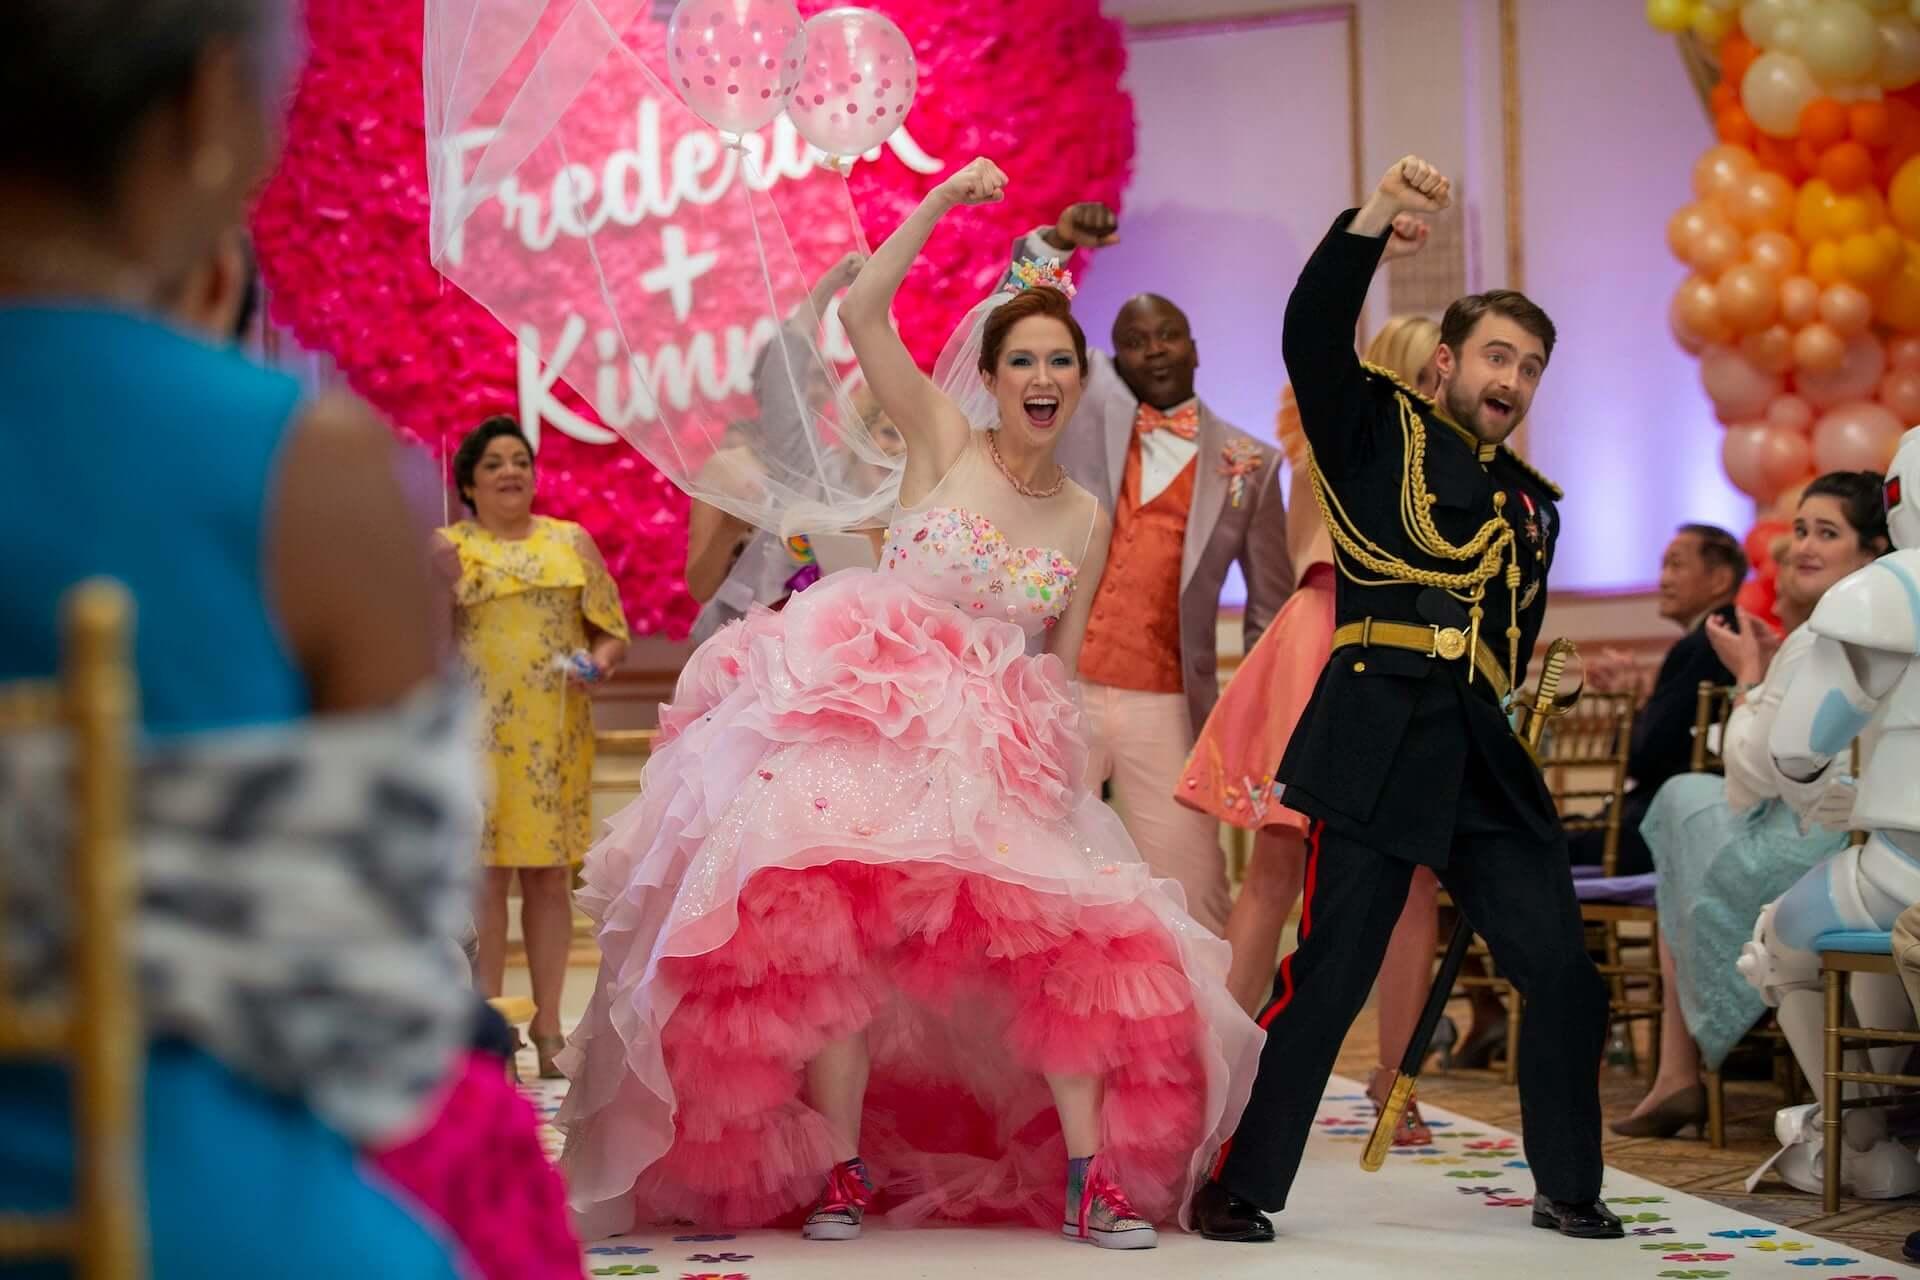 Netflixで『IT/イット THE END』『湯を沸かすほどの熱い愛』など8月より続々配信開始!Alicia Keysプロデュース映画『Work It』も film200728_netflix-august_15-1920x1280